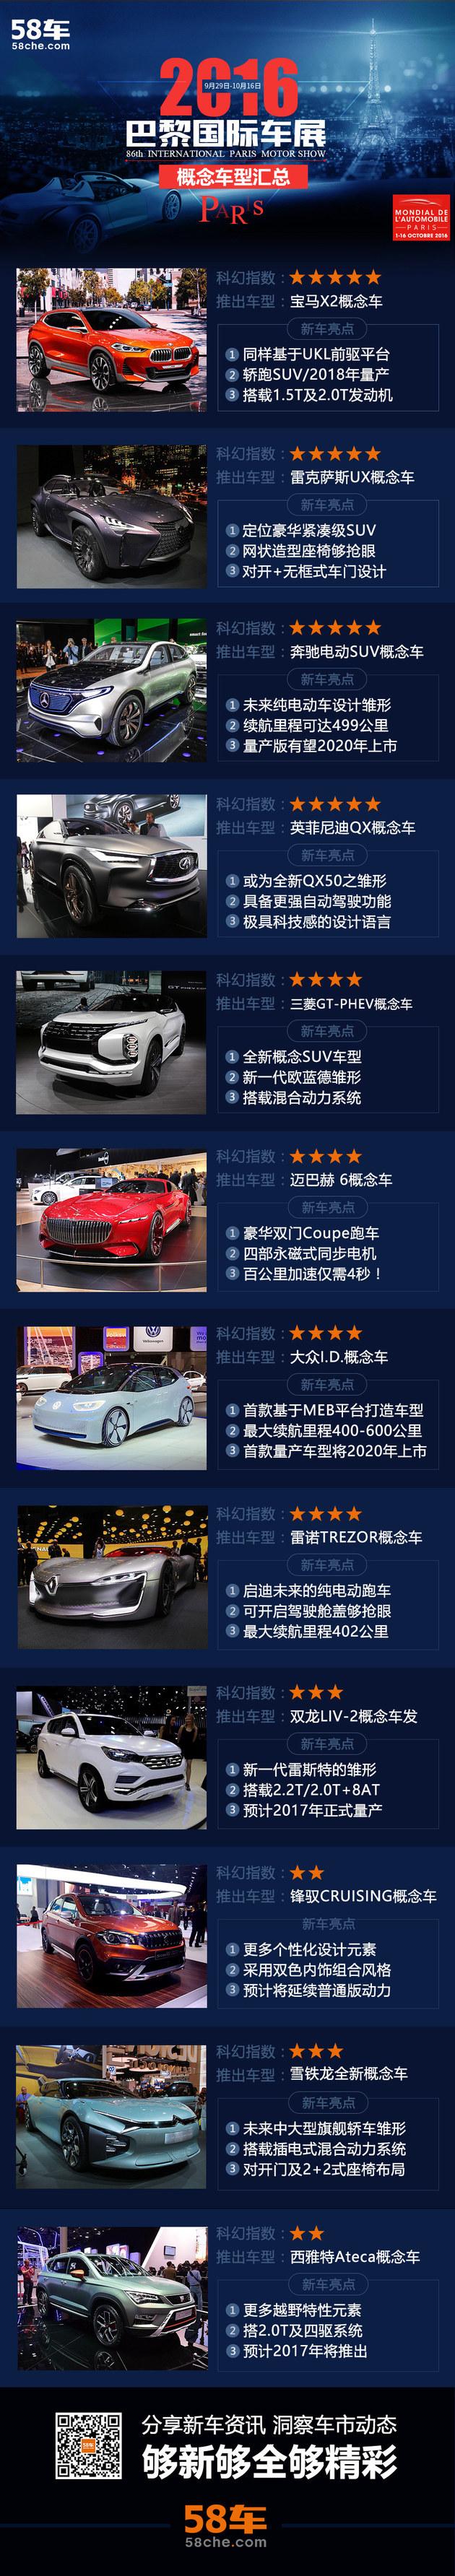 未来汽车什么样?看这12款概念车就够了